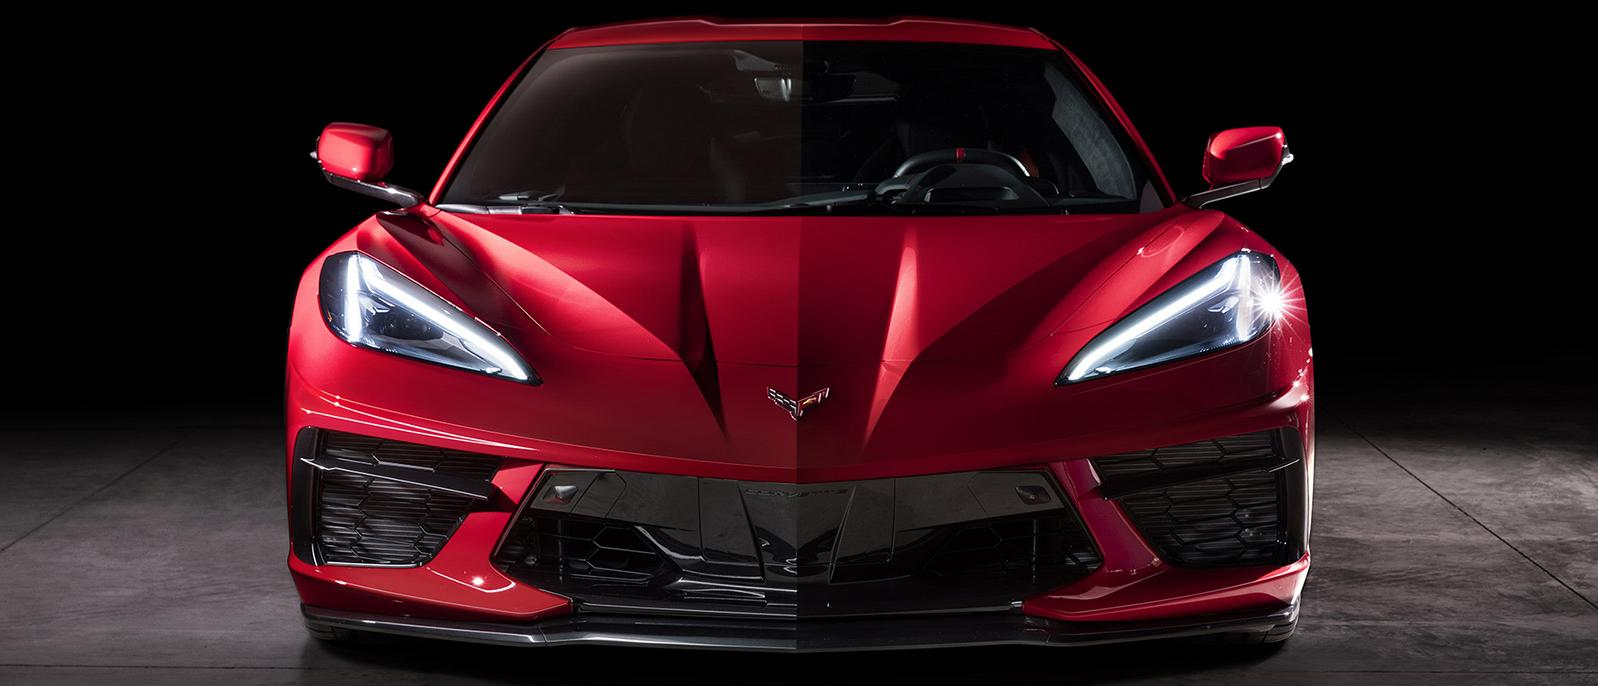 2020 chevrolet corvette exterior front